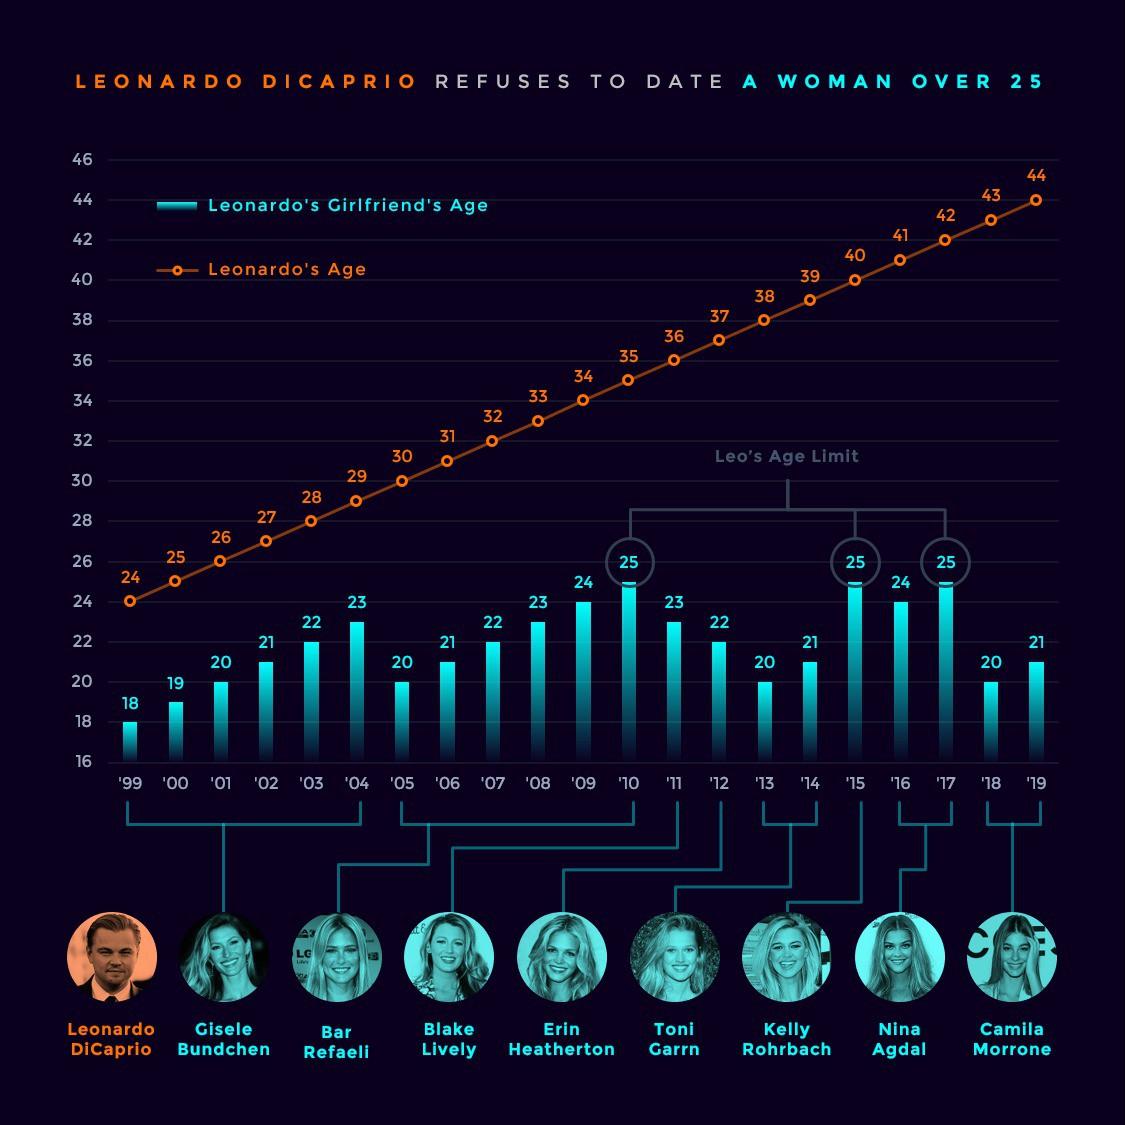 Tính toán như Sói già Leonardo DiCaprio: Đi CANNES quảng bá phim, sẵn tiện rắc thính tìm bồ trẻ toàn chân dài cực phẩm - Ảnh 4.